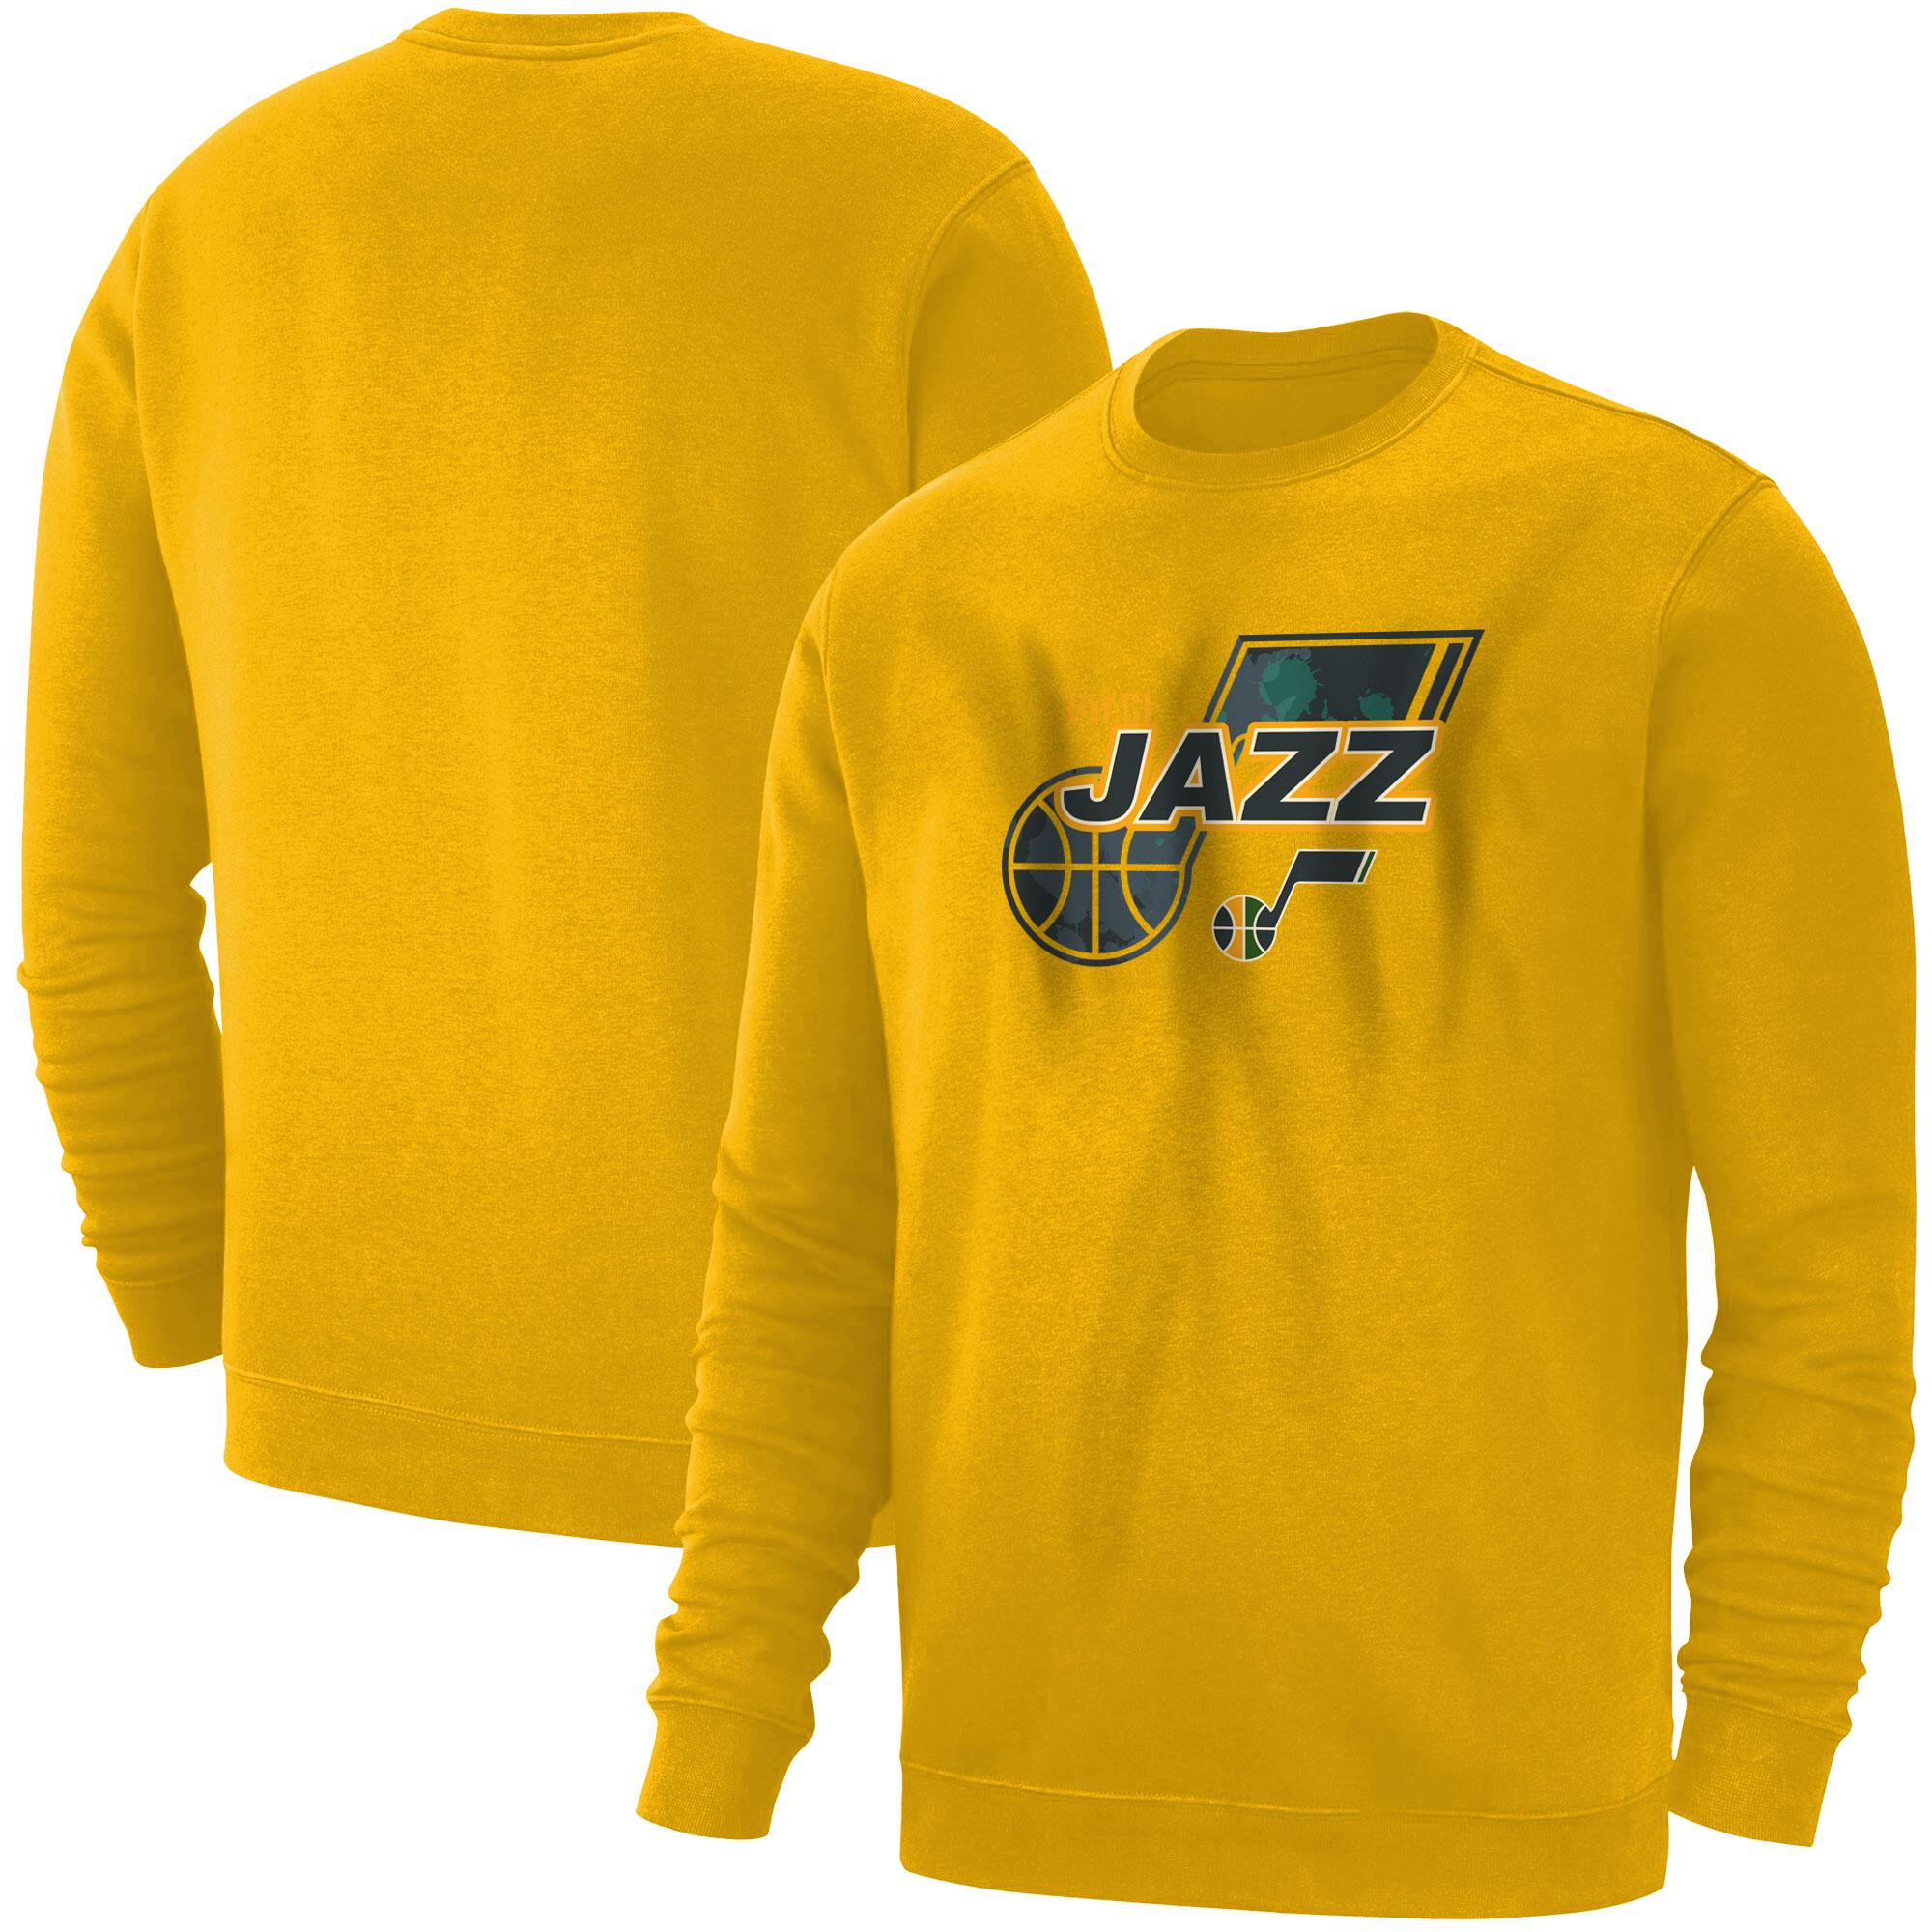 Utah Jazz Basic (BSC-YLW-NP-200-NBA-UTH-LOGO)